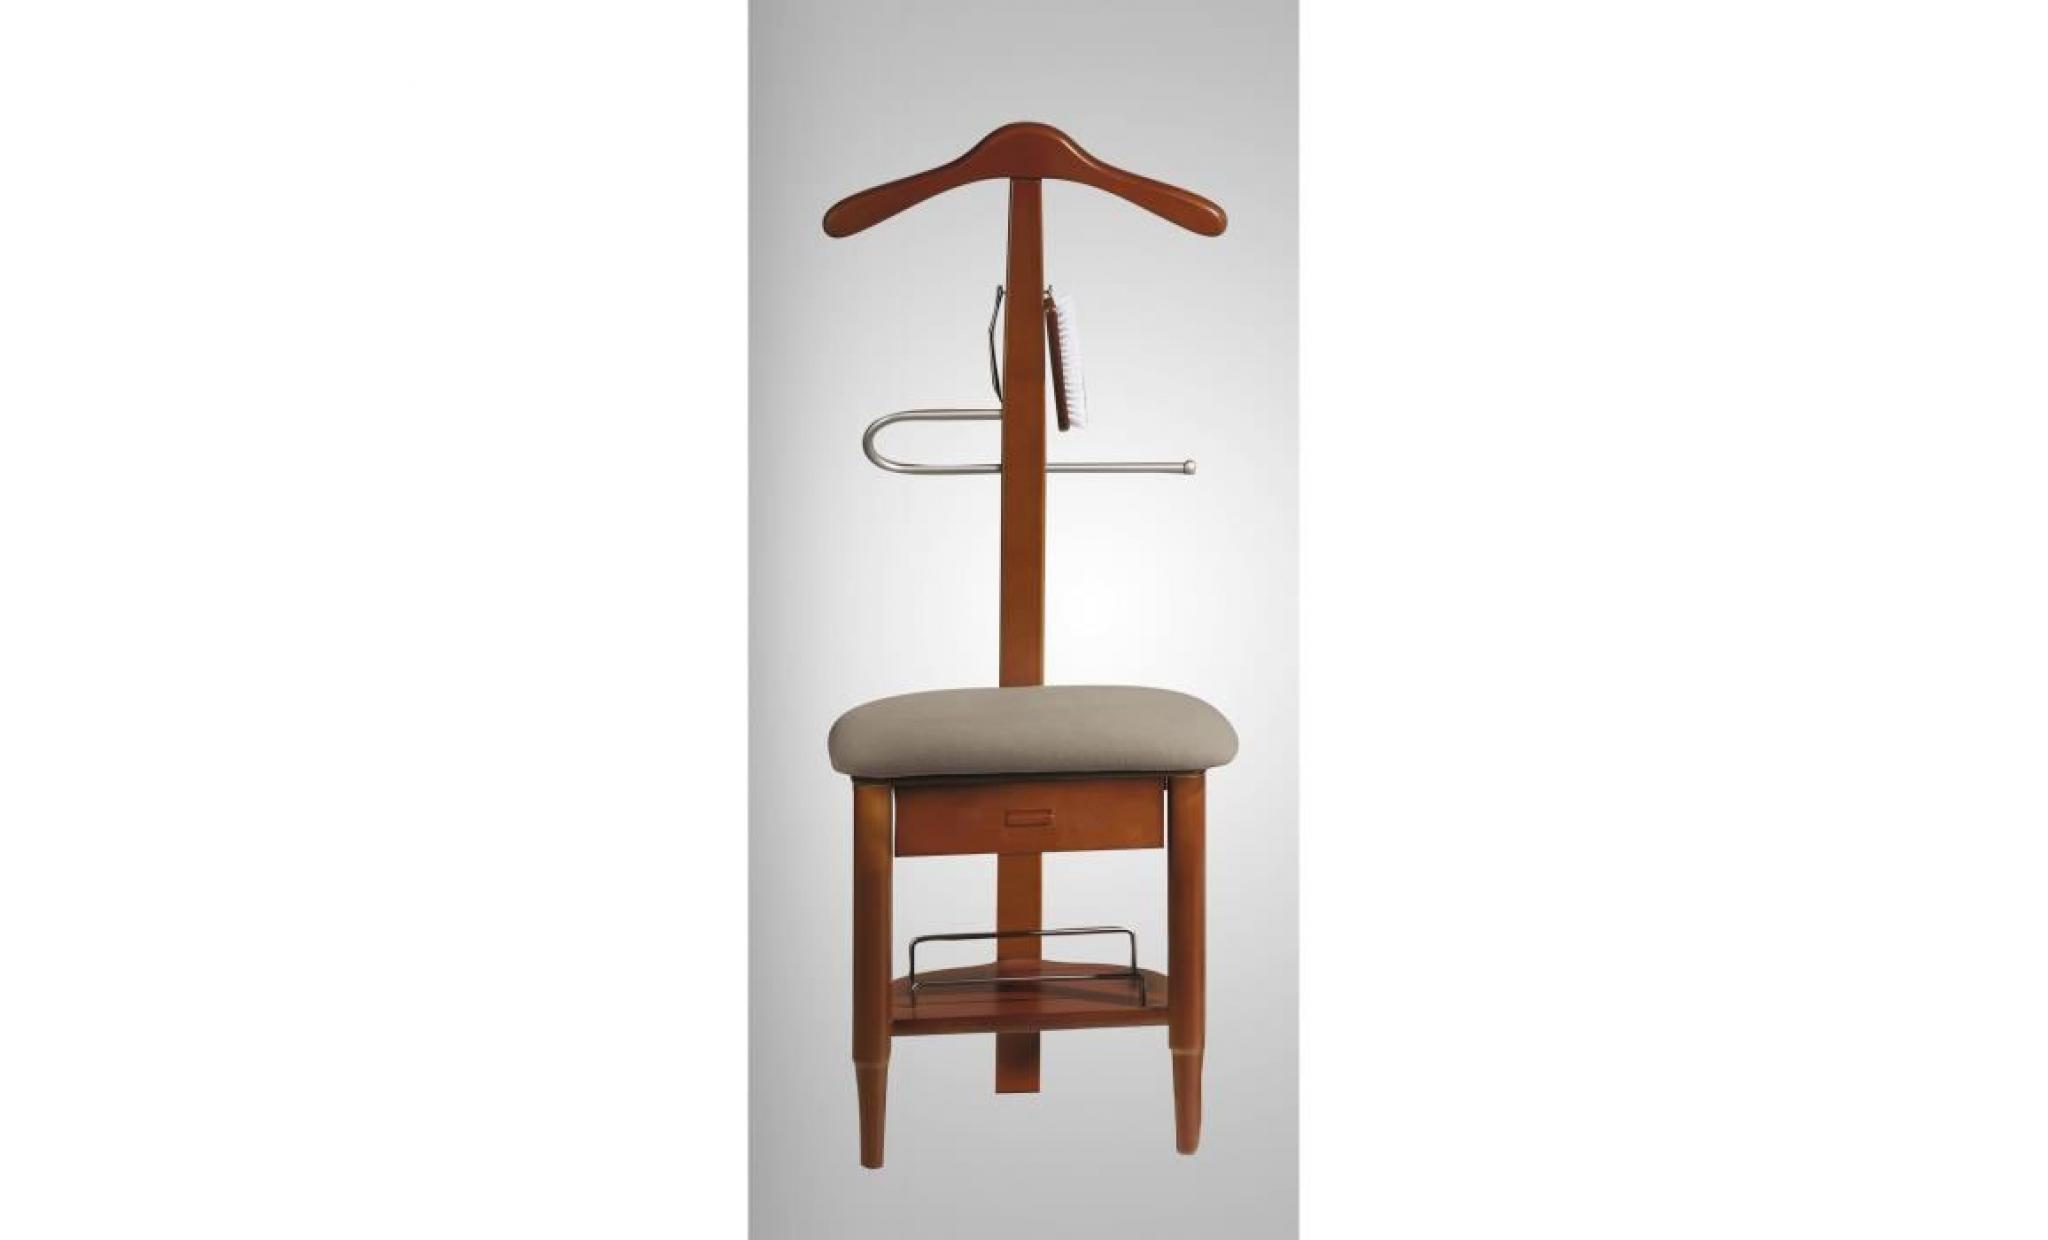 valet de nuit sous forme de chaise en h tre mas achat. Black Bedroom Furniture Sets. Home Design Ideas